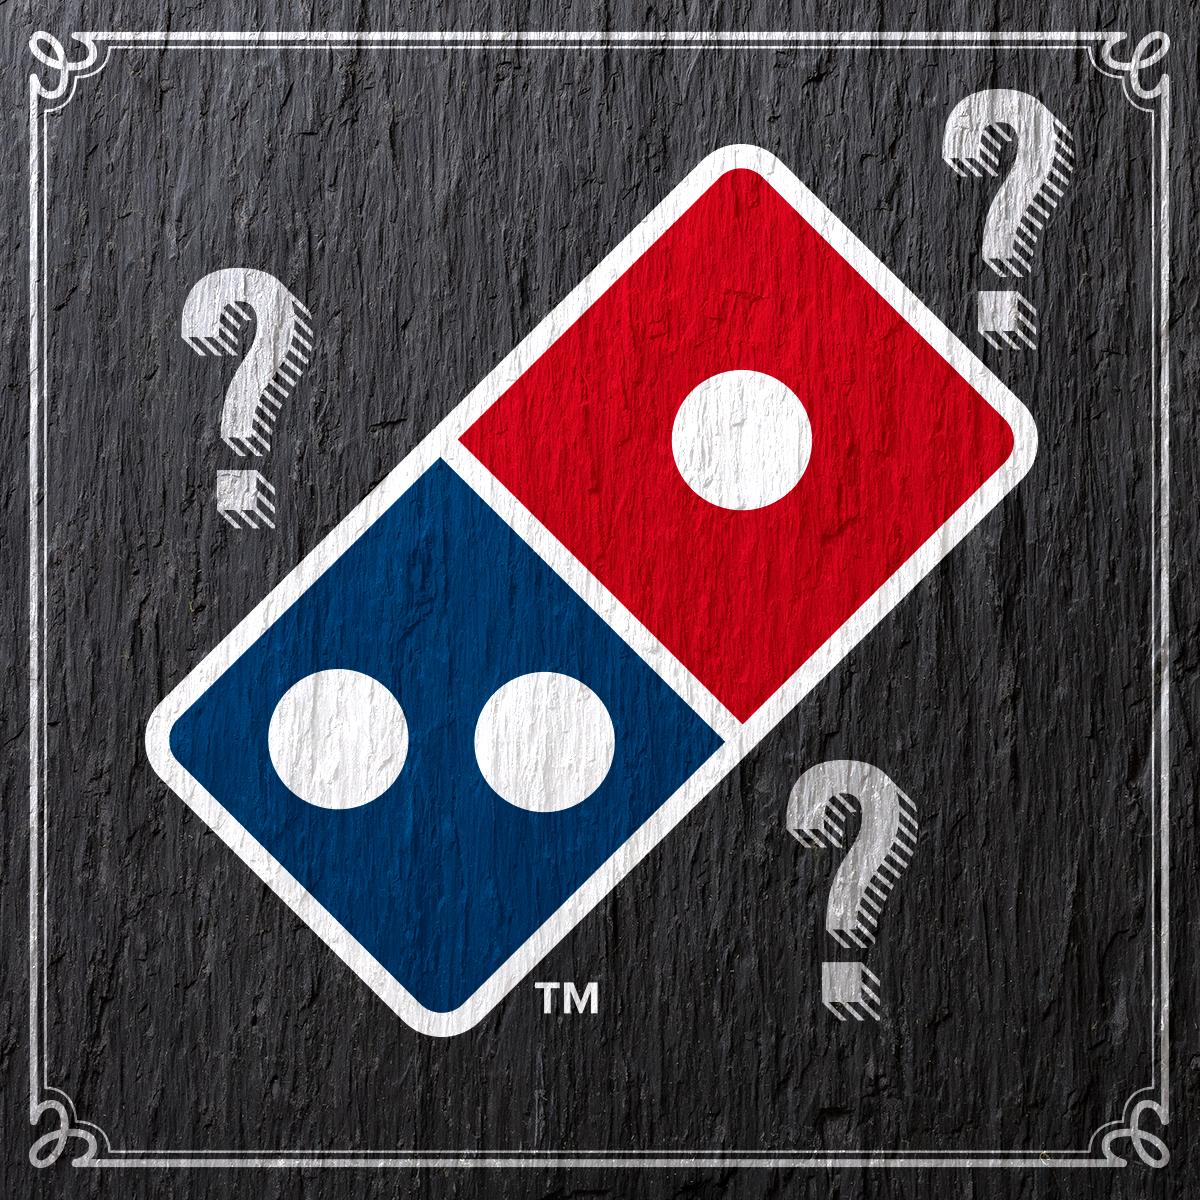 Domino's Pizza - Instagram post